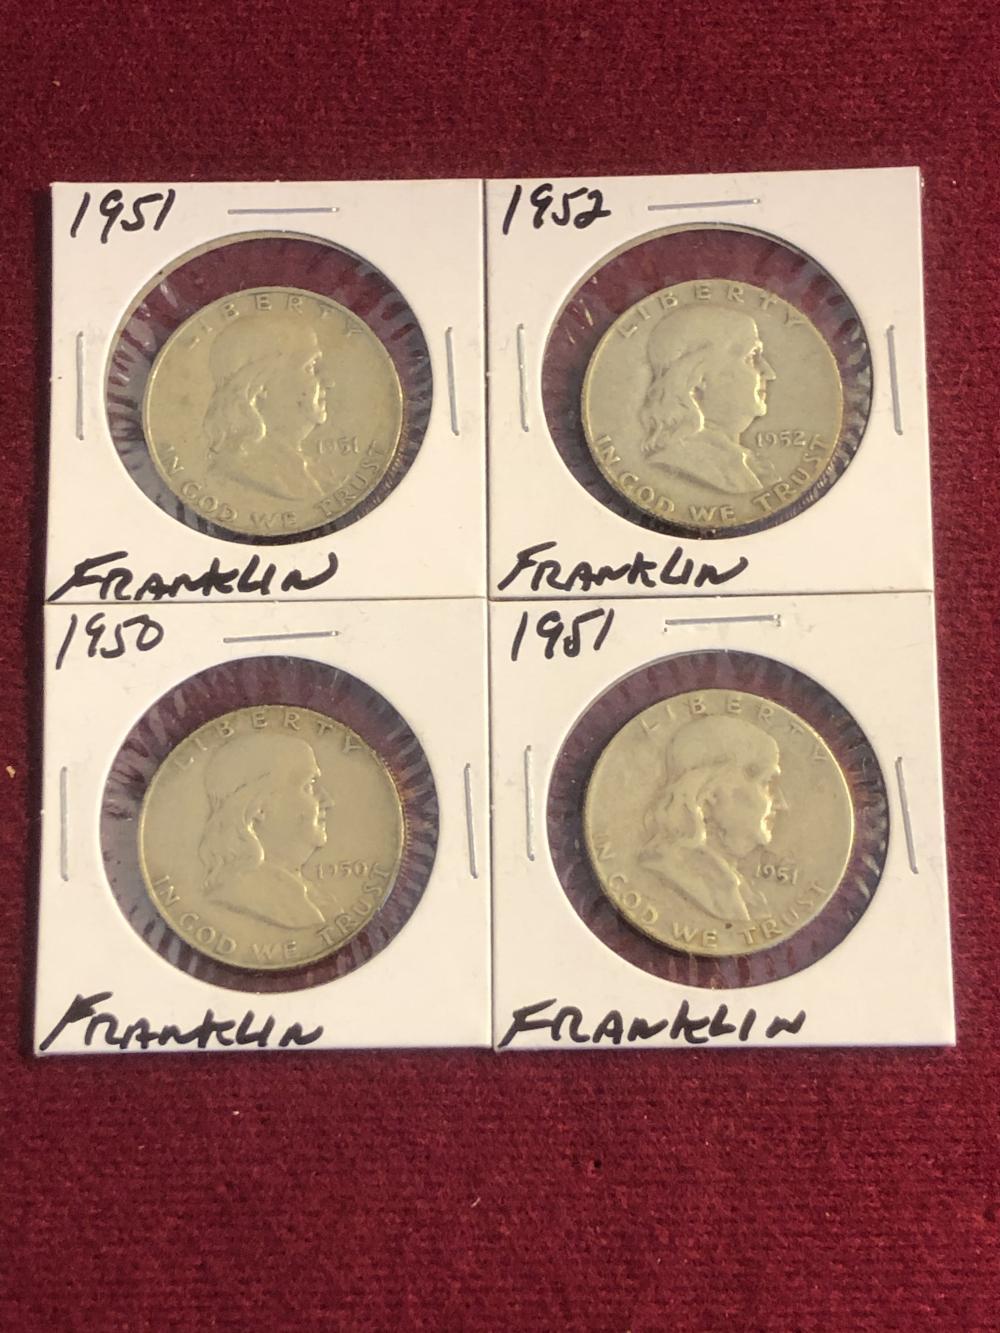 Four silver Franklin half dollars